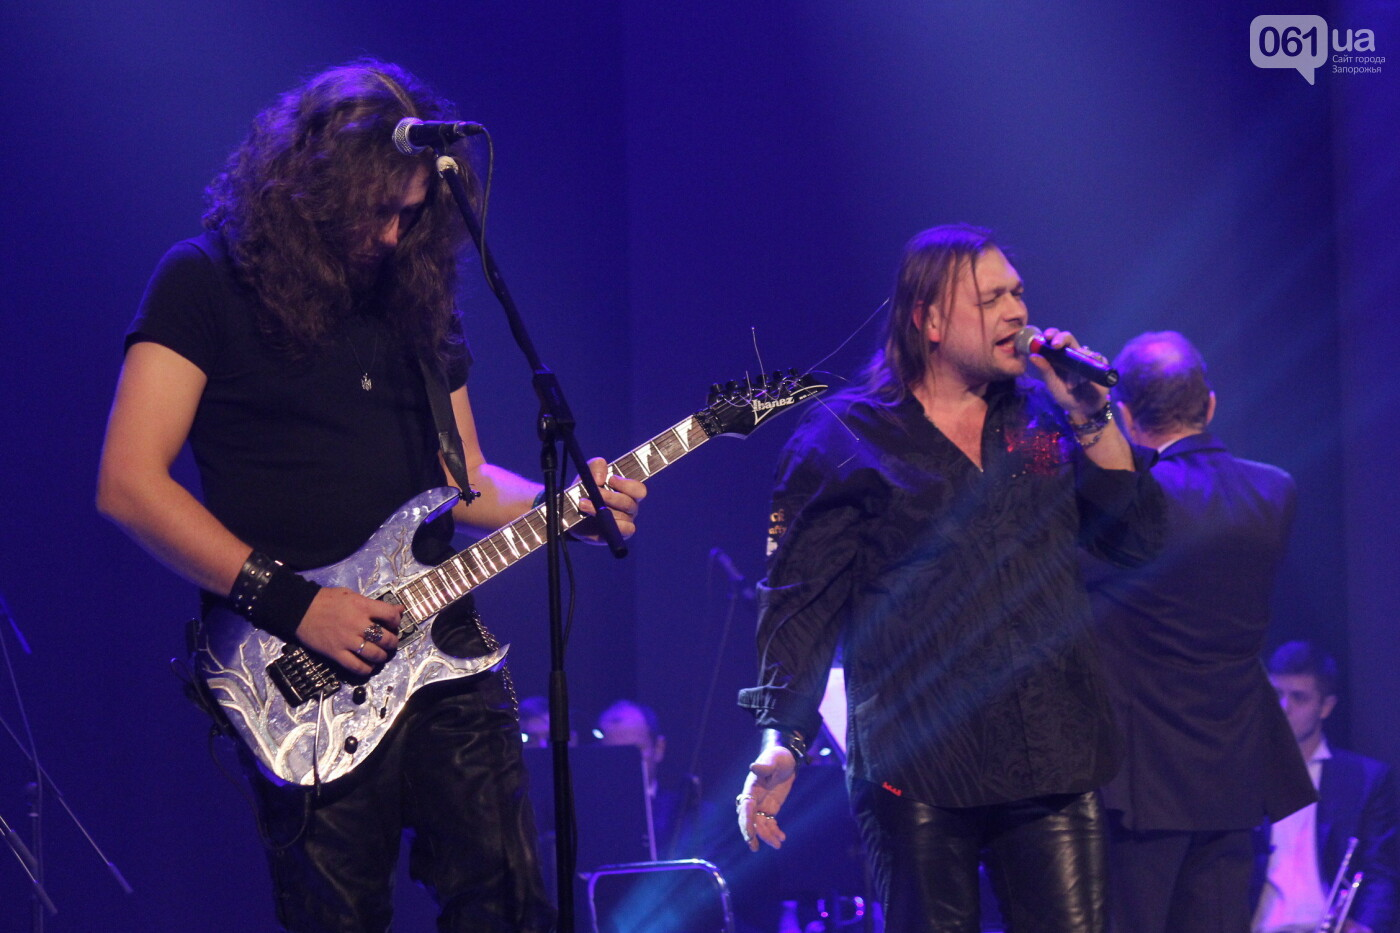 Тяжелый рок в симфоническом звучании: каким было Hard Rock Show в Запорожье, – ФОТОРЕПОРТАЖ, фото-24